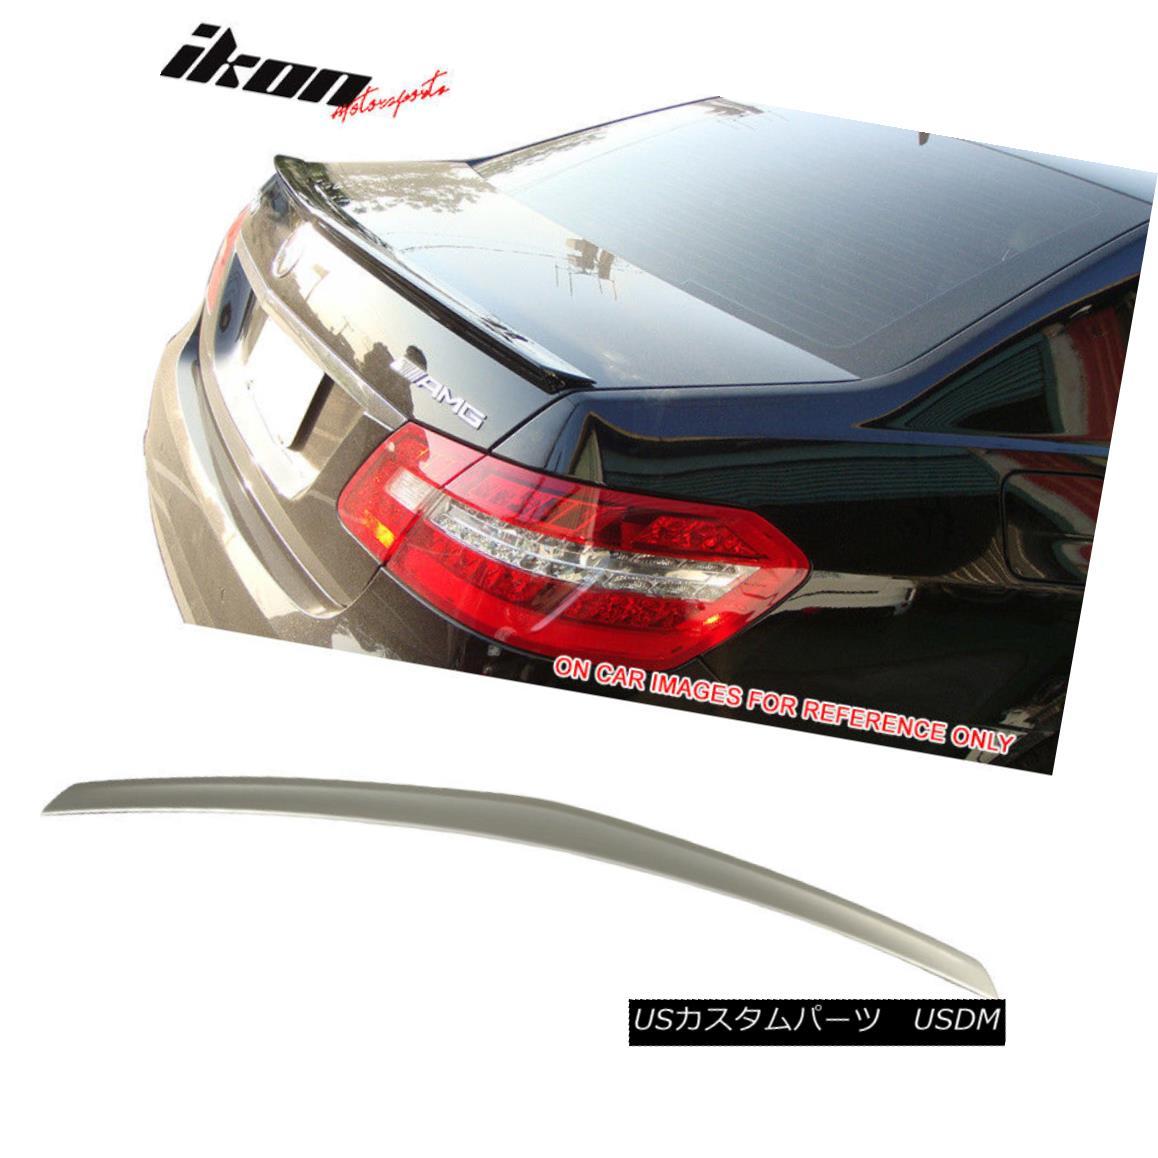 エアロパーツ Fits 10-16 Benz E-Class W212 AMG Trunk Spoiler Painted #794 Pearl Beige Metallic フィット10-16ベンツEクラスW212 AMGトランク・スポイラー・ペイント#794パール・ベージュ・メタリック